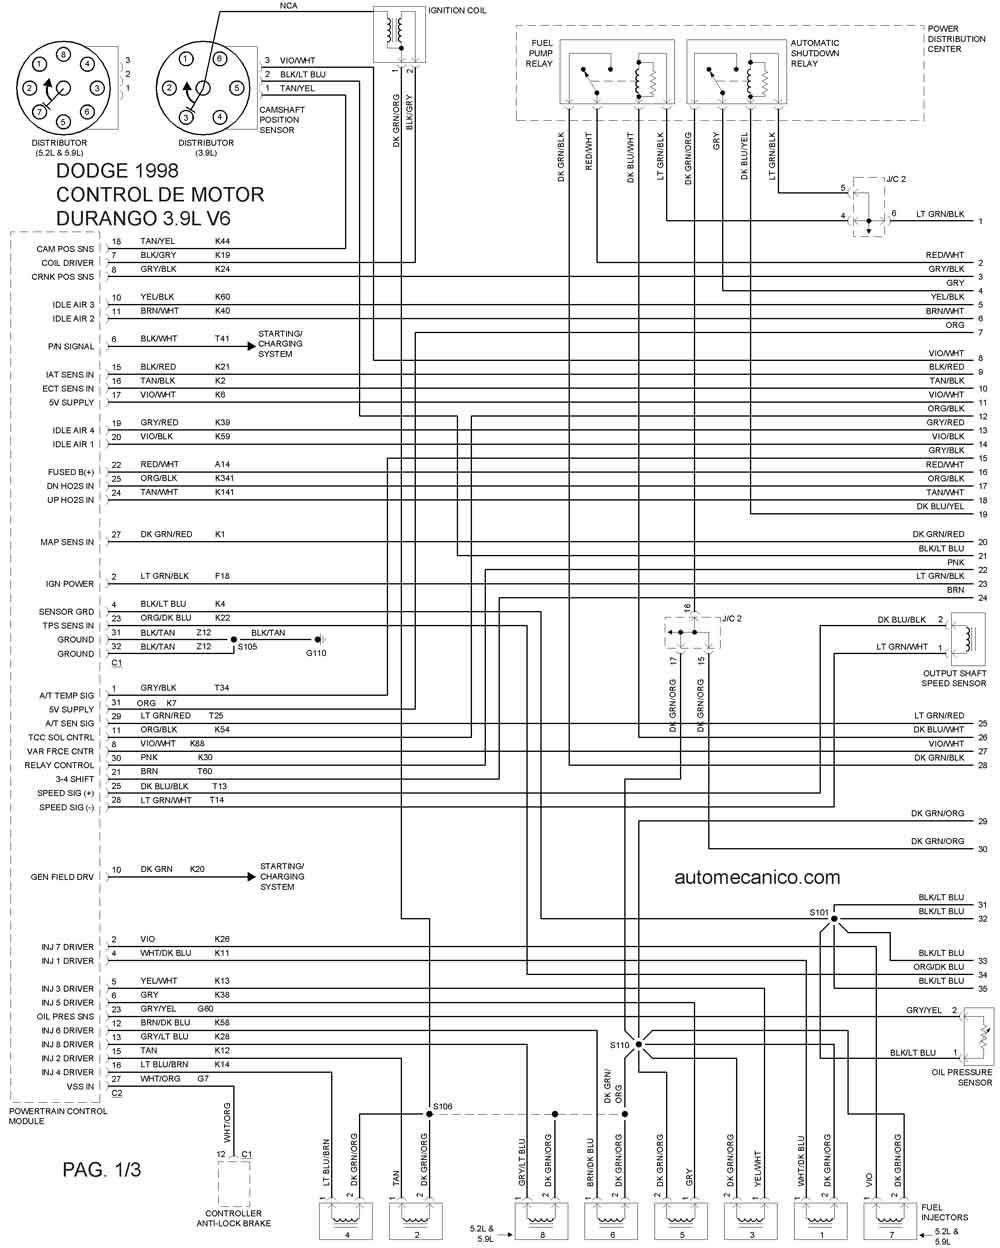 1998 dodge durango Diagrama del motor